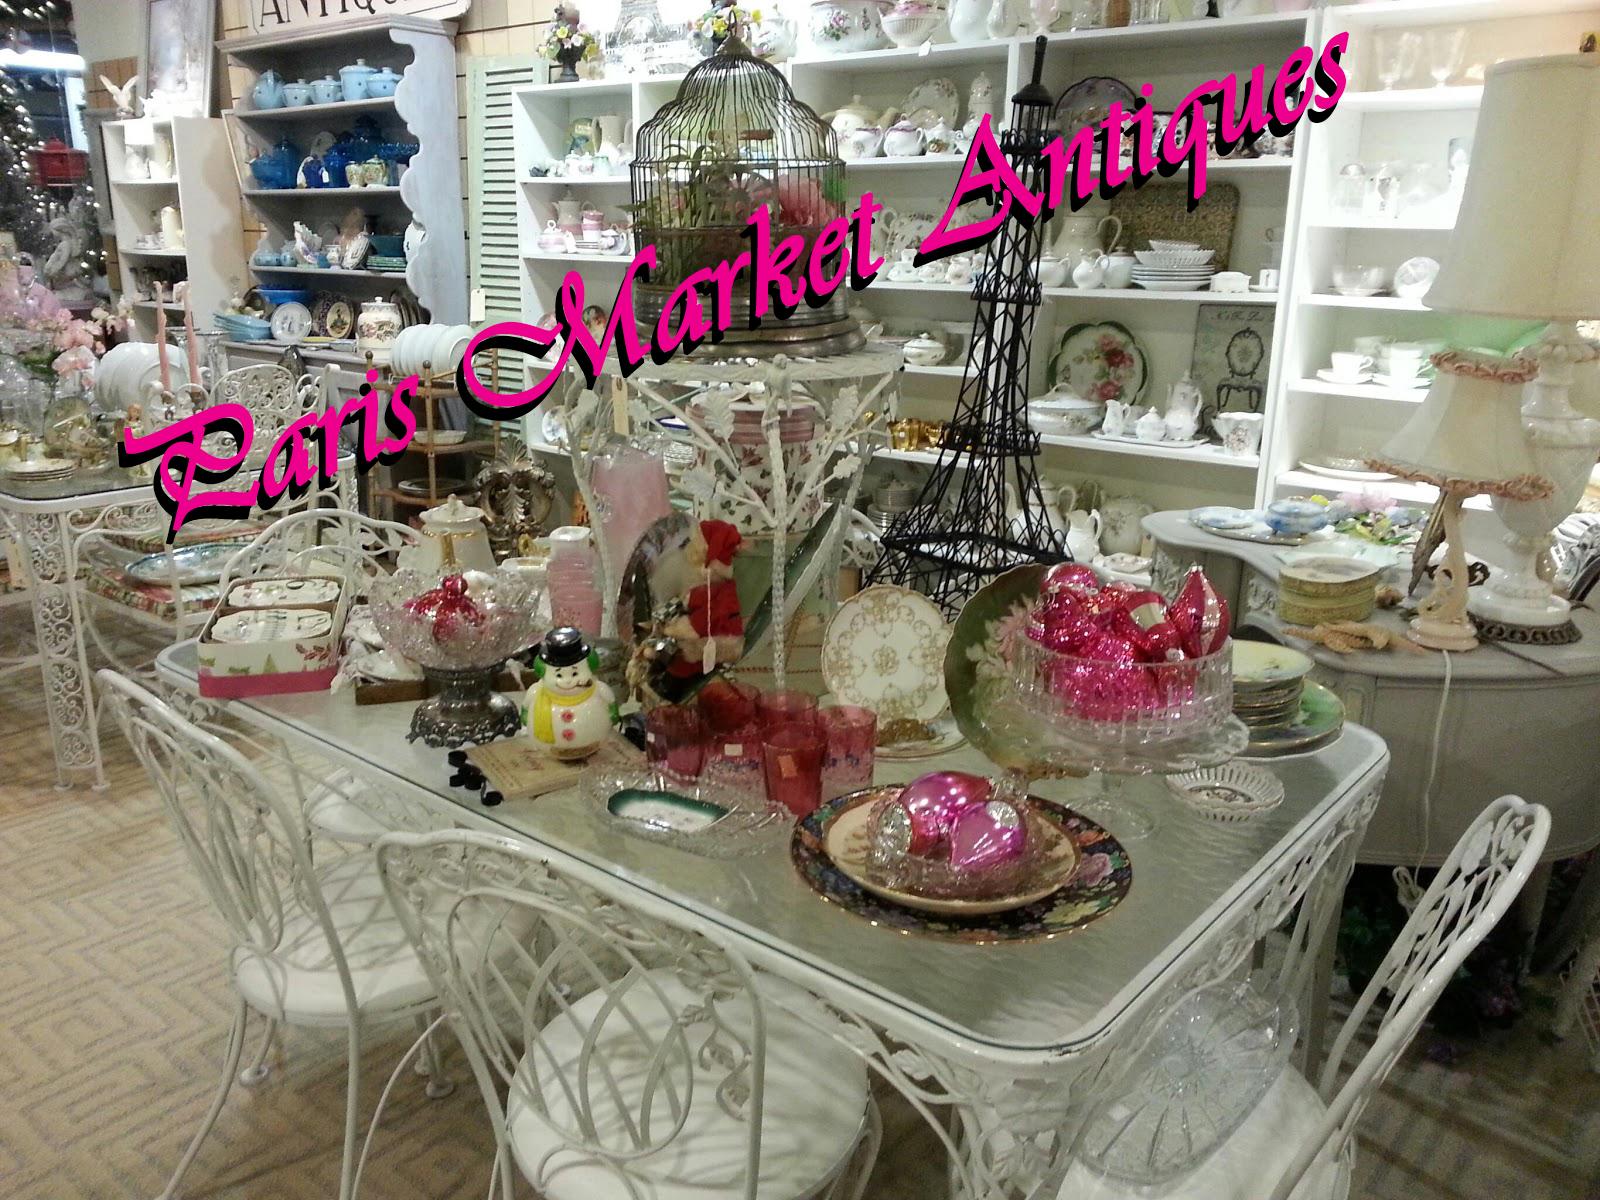 paris market antiques With Logo.jpg